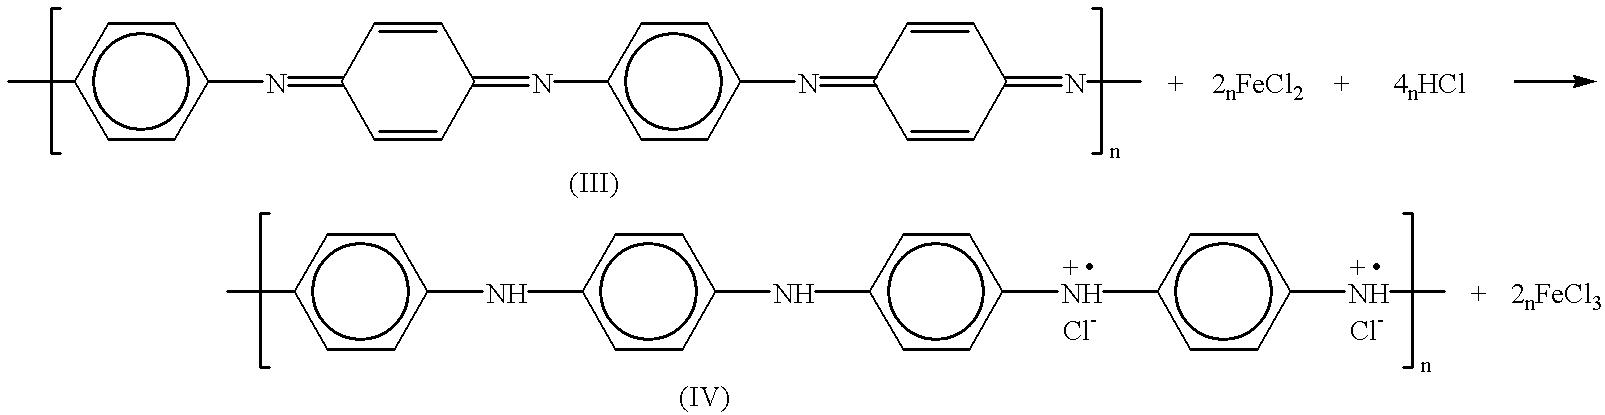 Figure US06265532-20010724-C00004